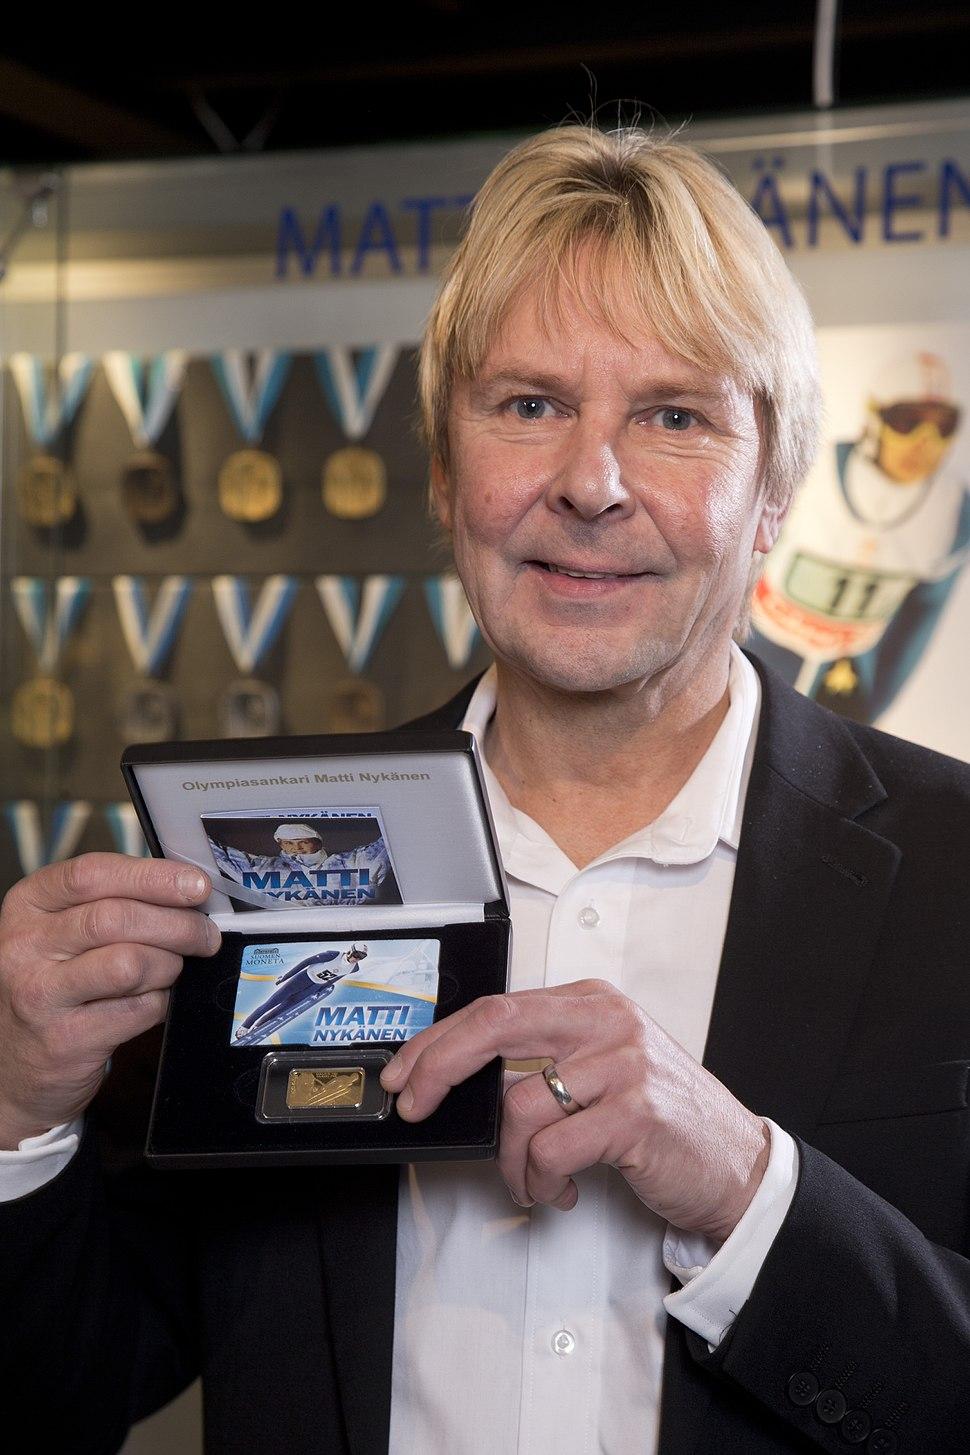 Matti Nyk%C3%A4nen 2014-01-30 001